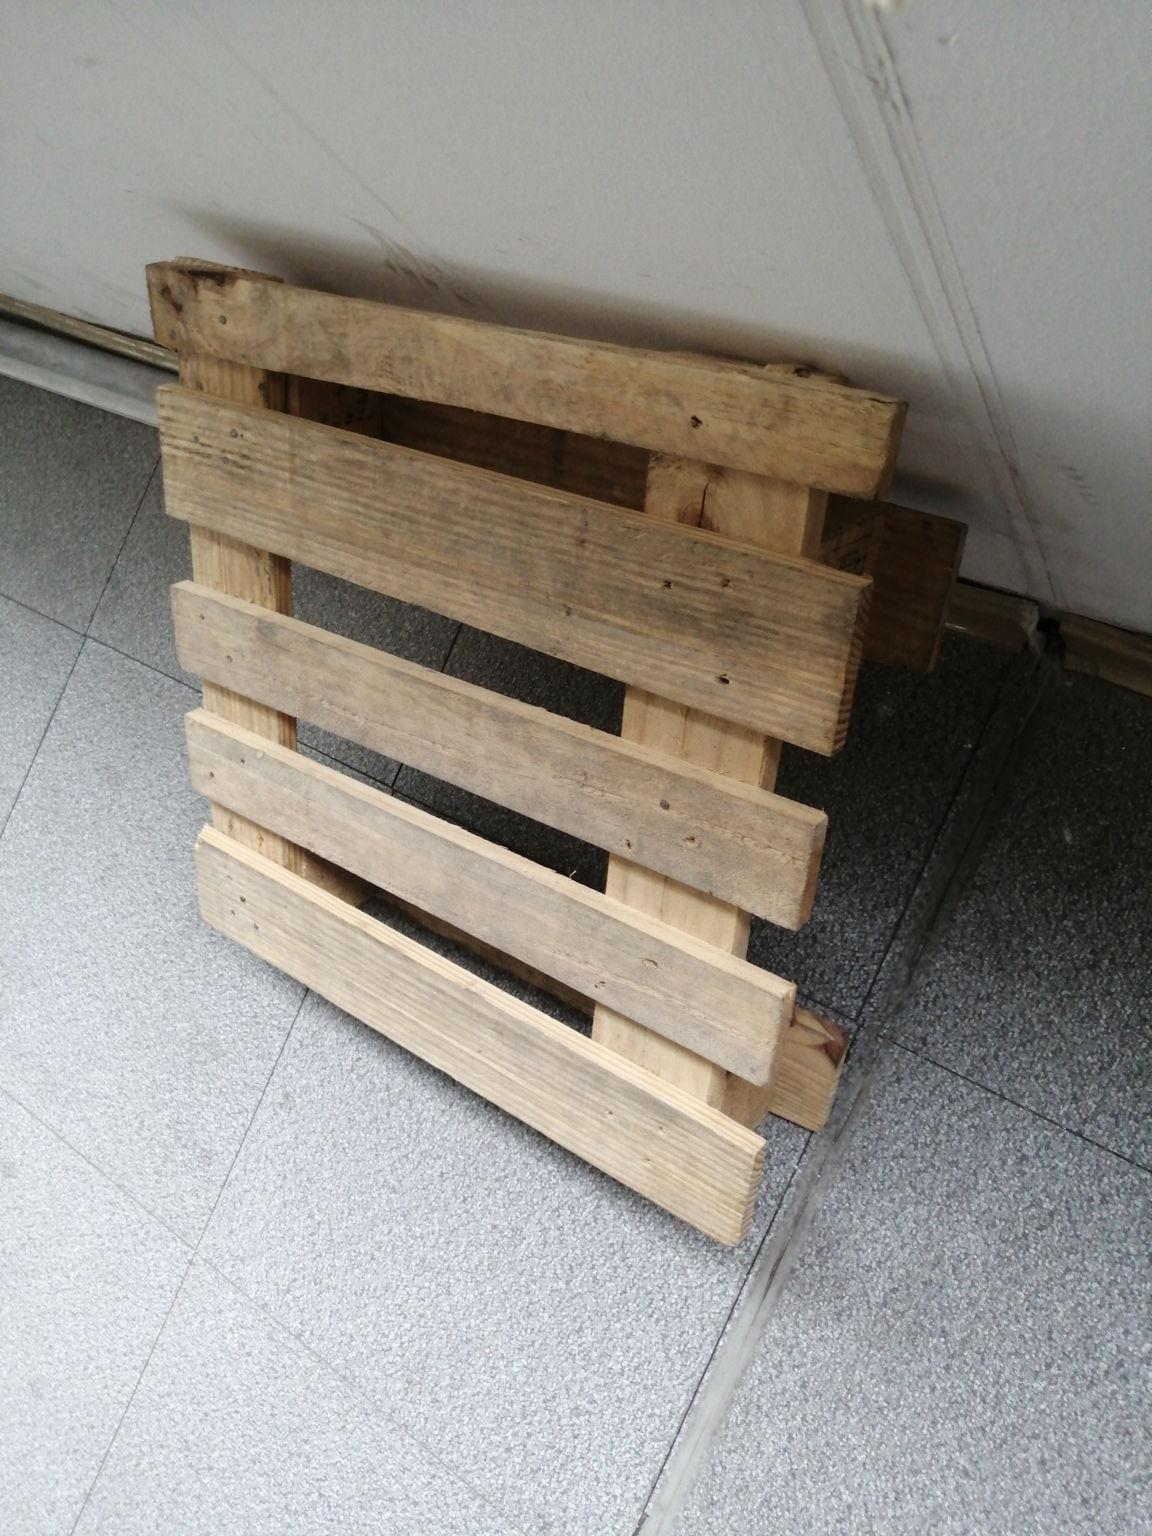 江苏定制??,➫╉ⅲ▄╝手木托盘加工厂是是专业定制家具成品木托盘